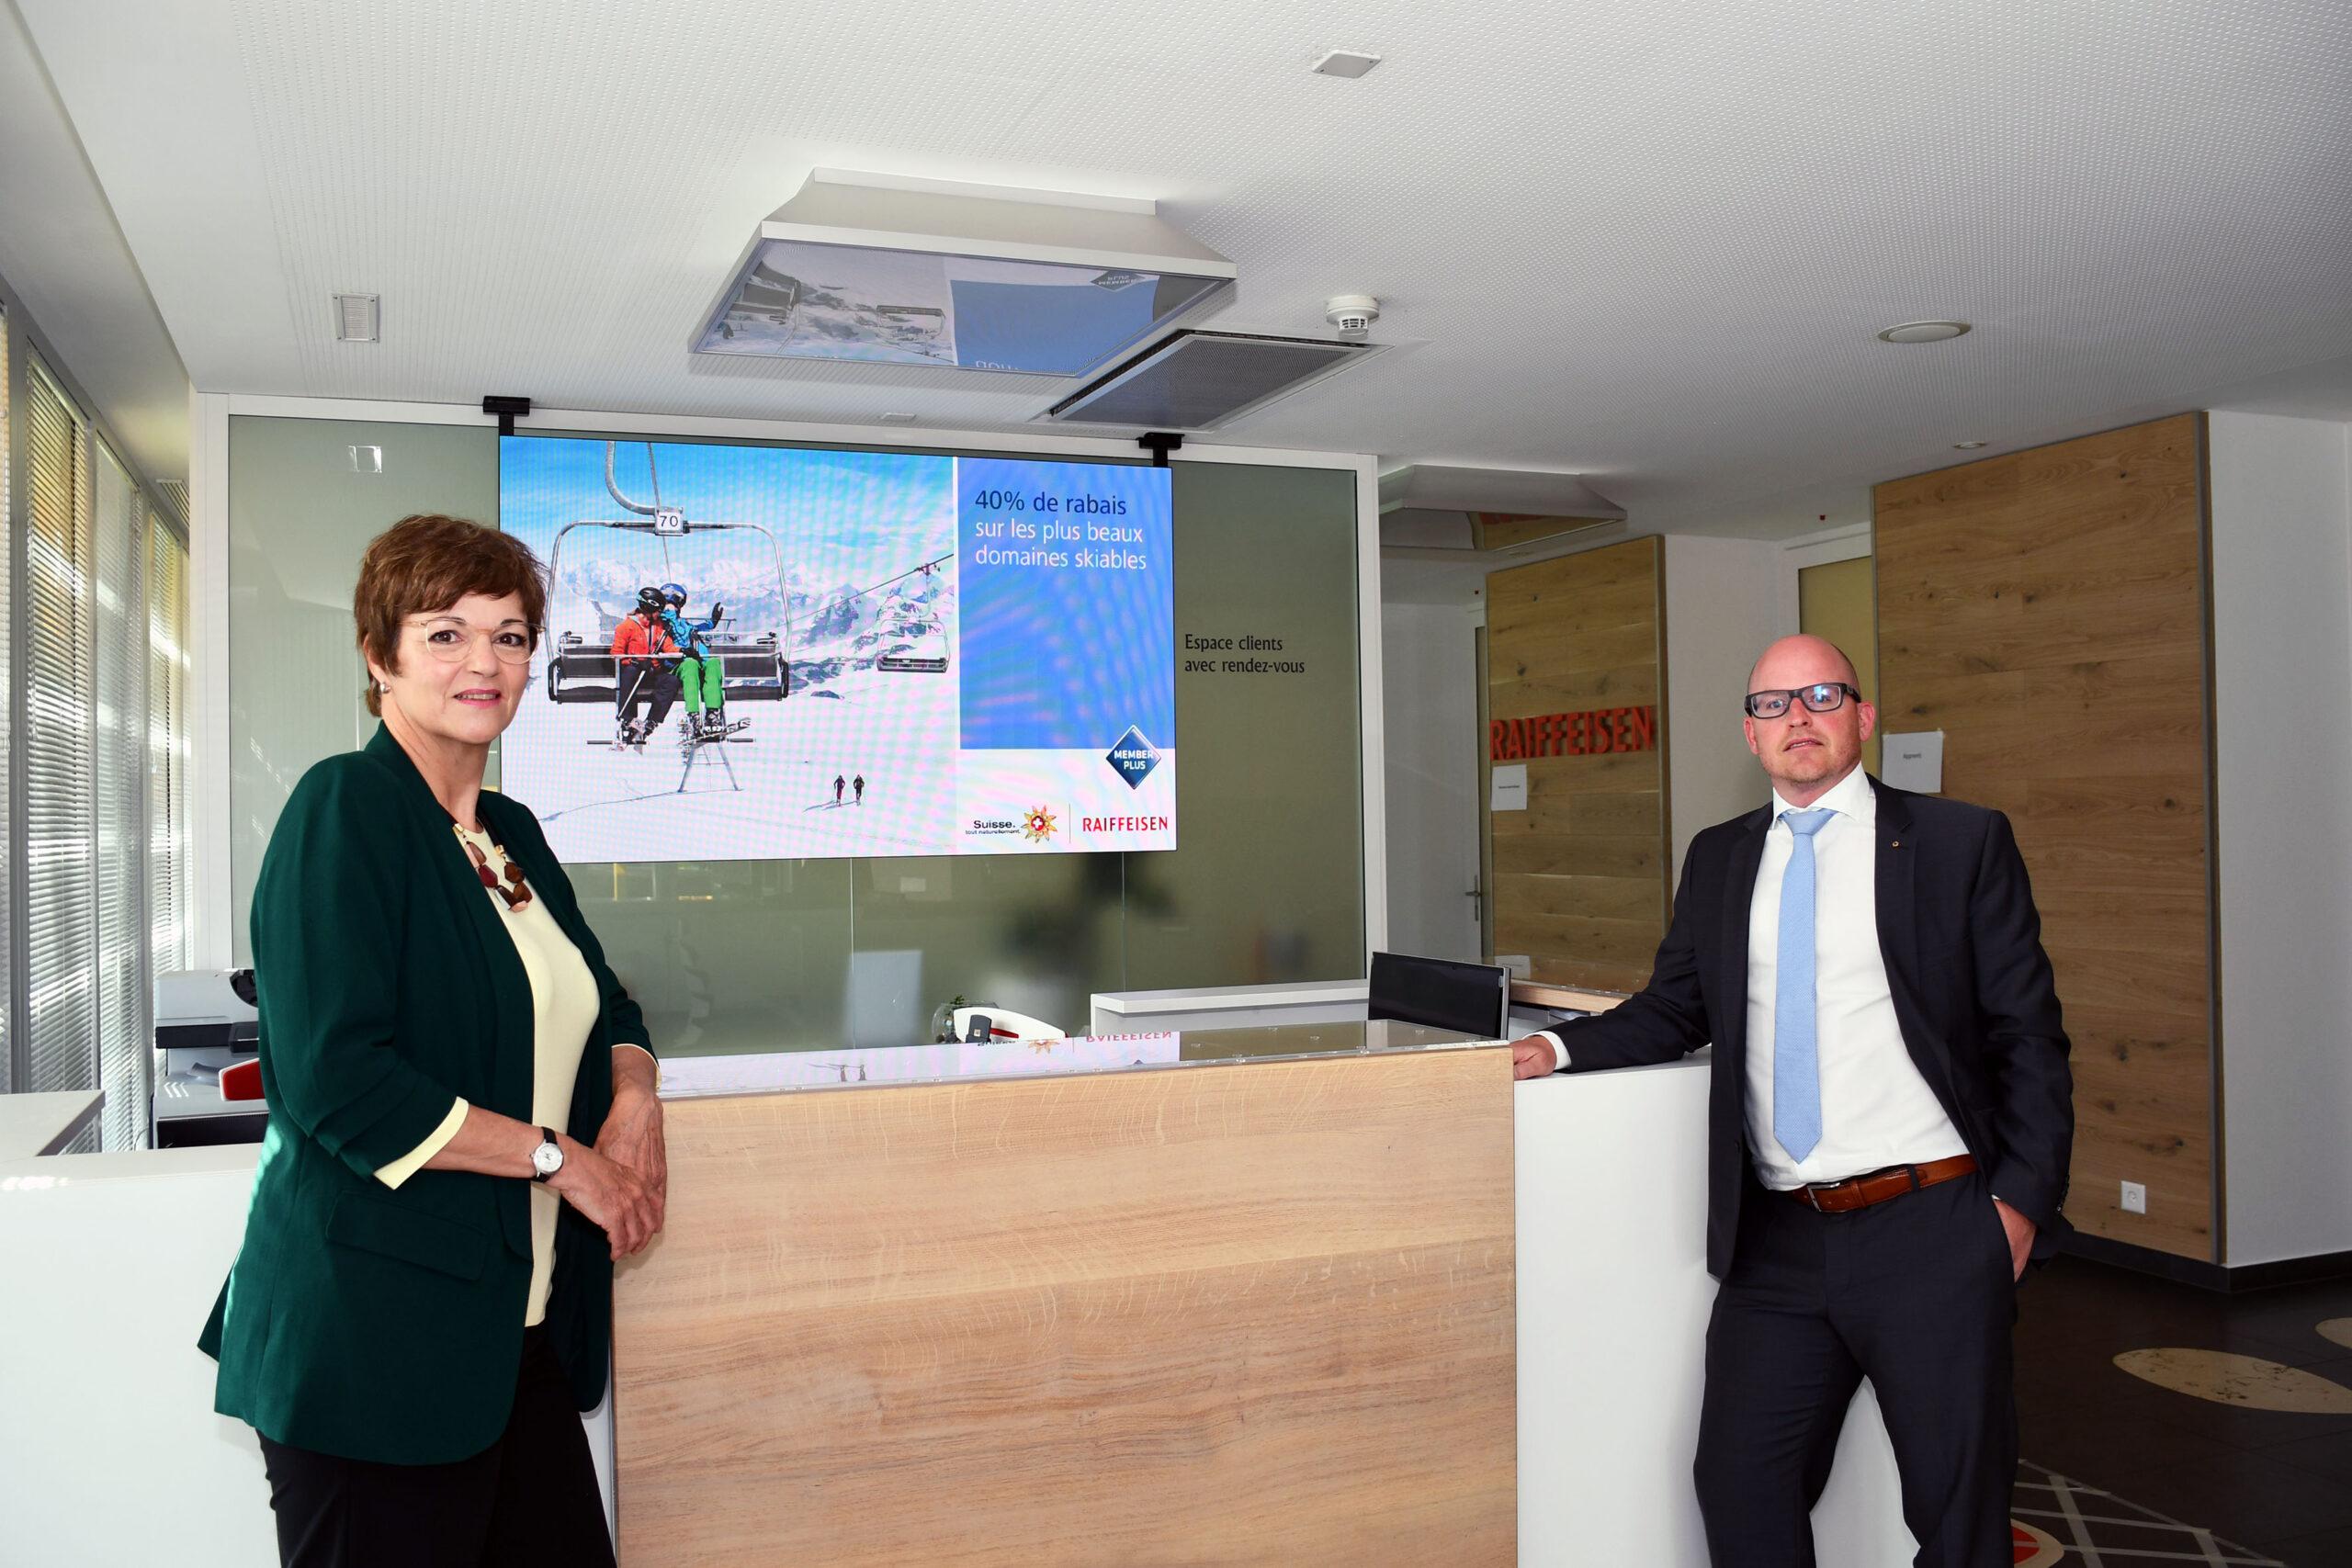 Région : La Banque Raiffeisen bien présente lors de la pandémie